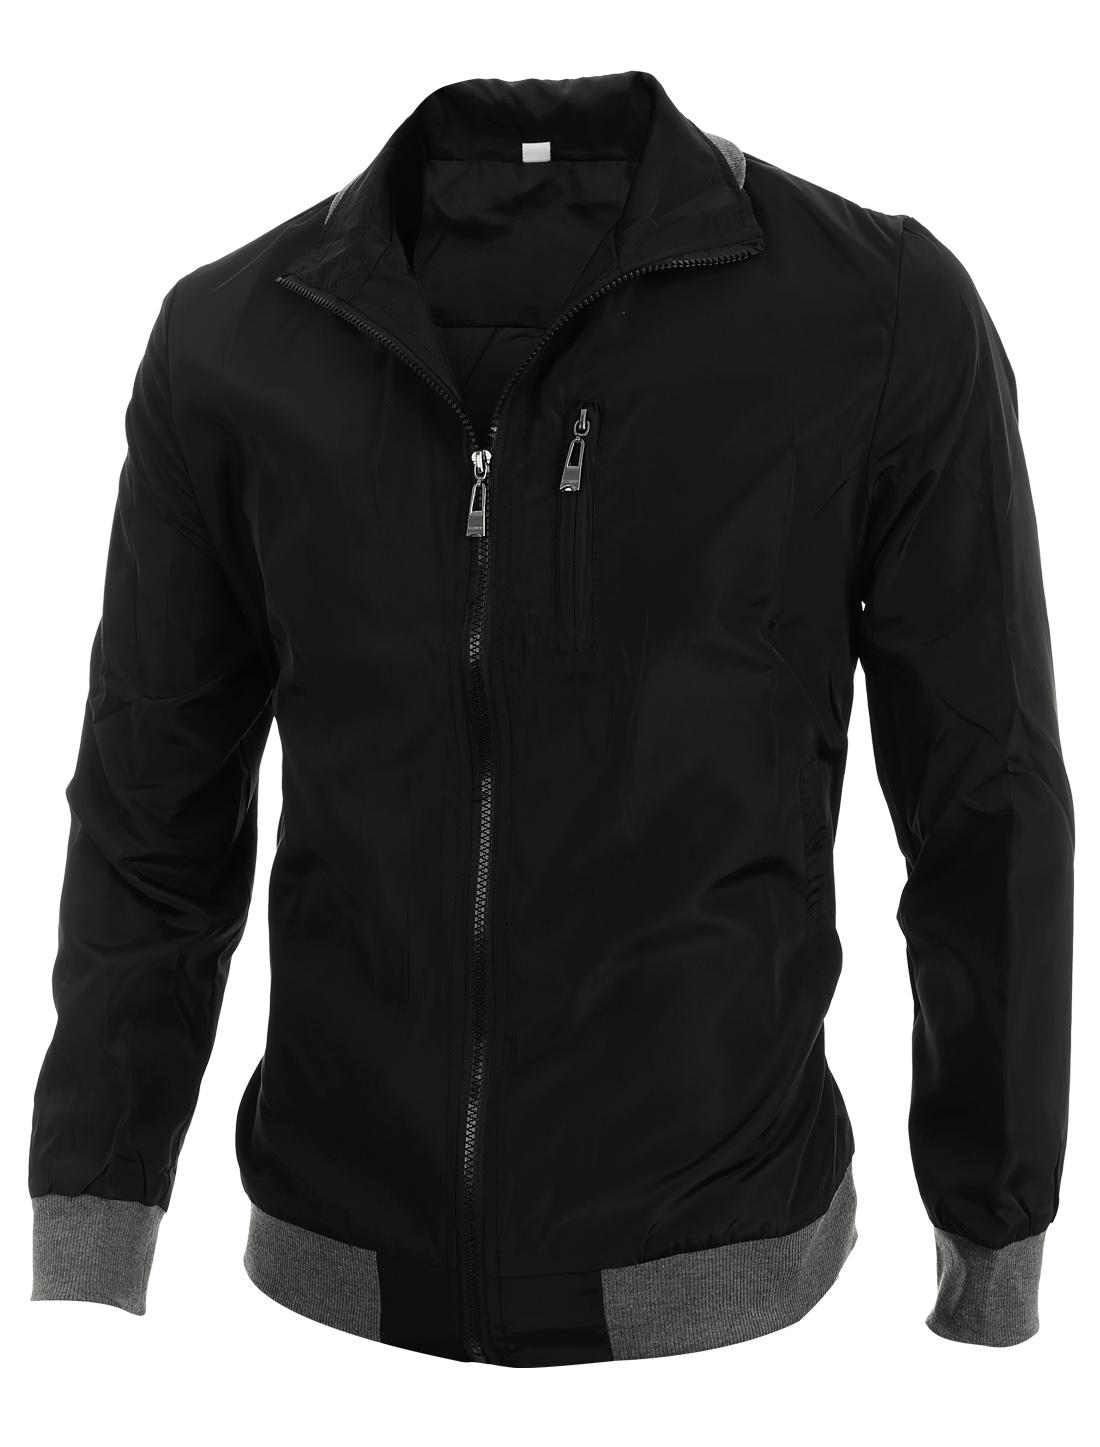 Men Convertible Collar Zipper Two Pockets Slim Fit Jacket Black L